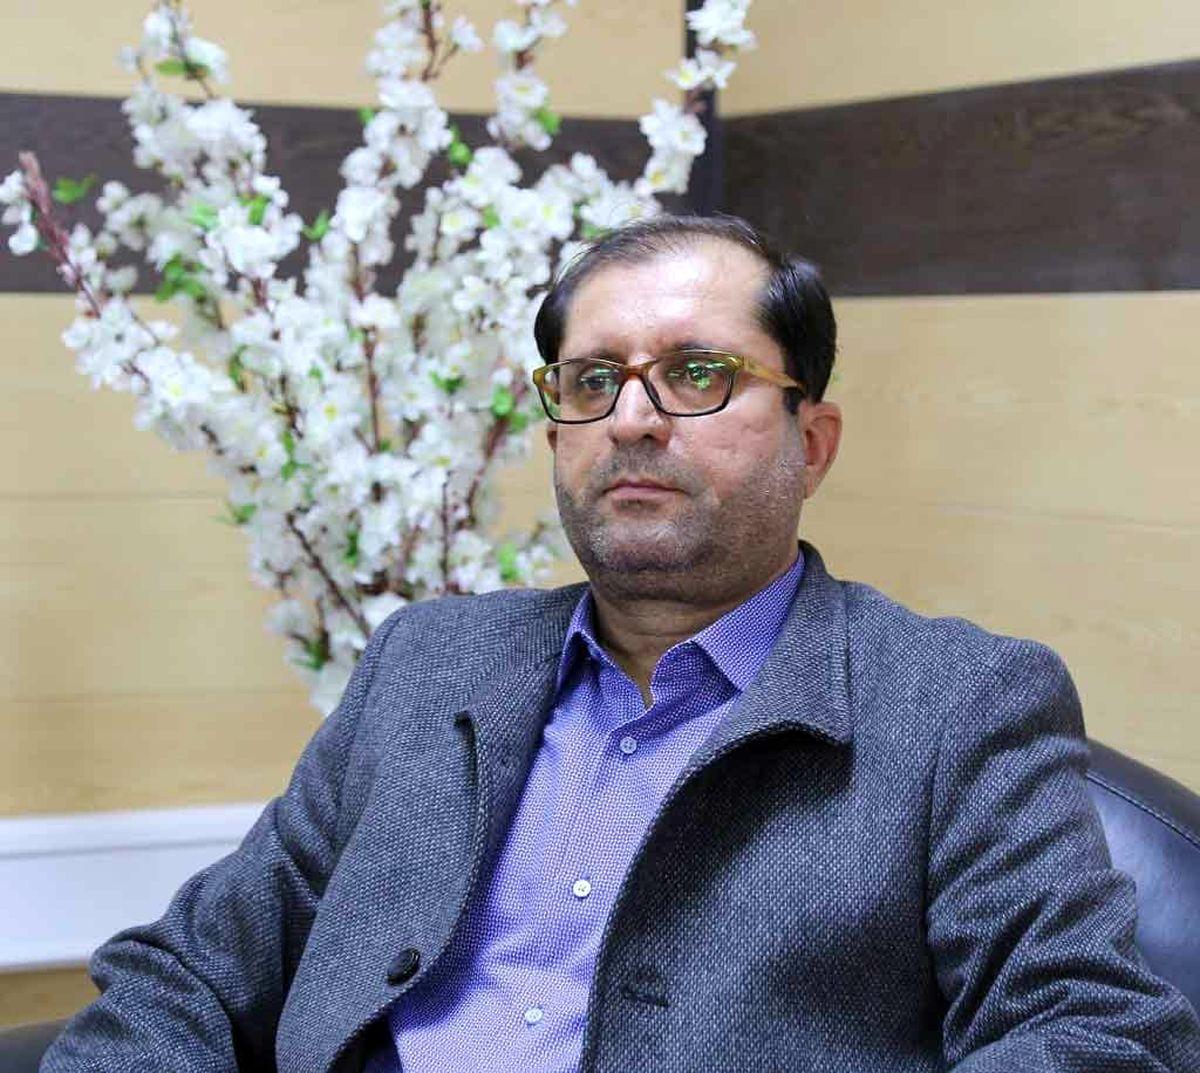 شرکت گاز استان ایلام رتبه برتر سلامت اداری را کسب کرد